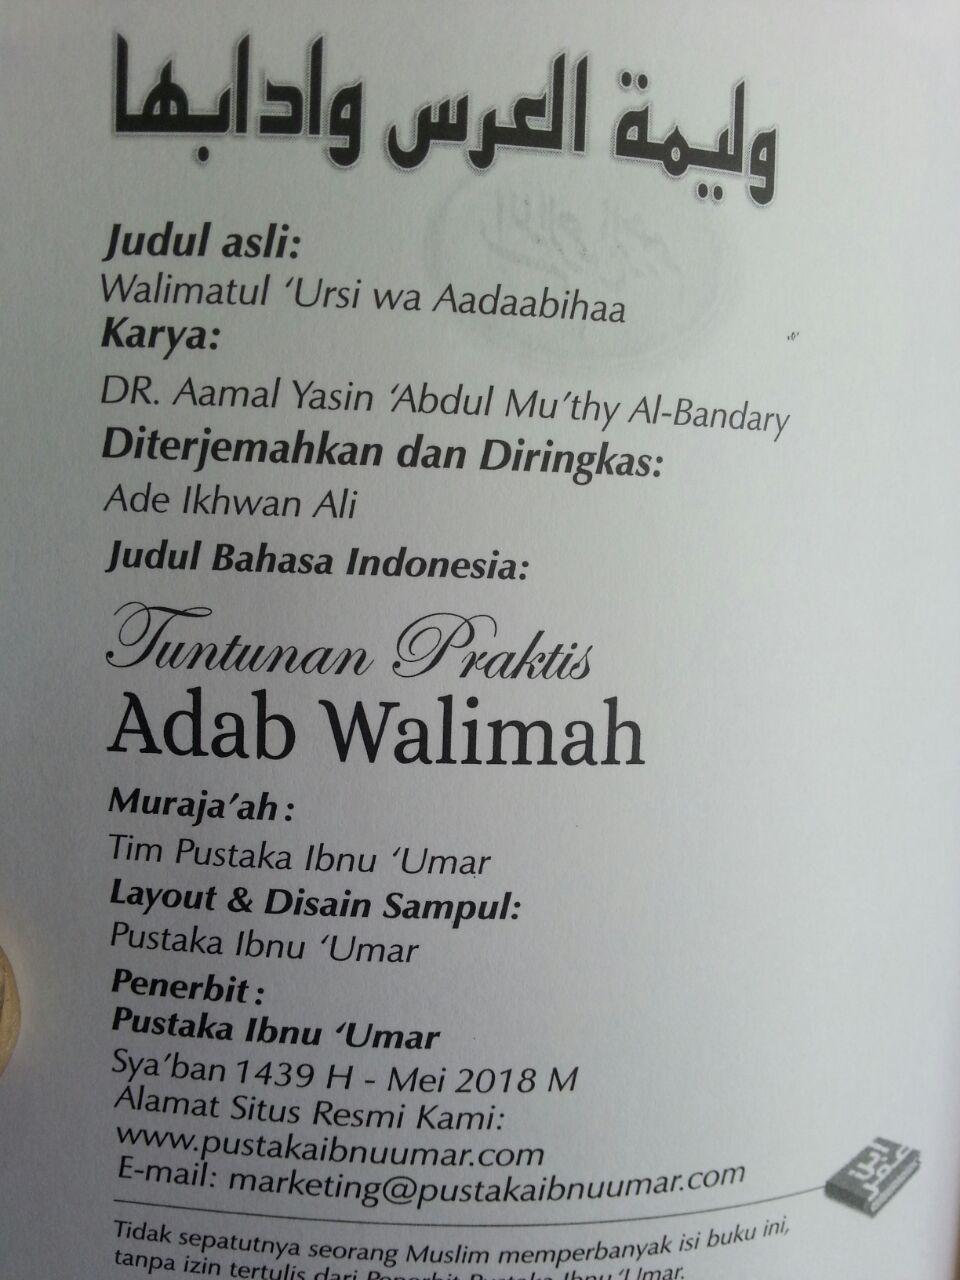 Buku Saku Tuntunan Praktis Adab Walimah Menurut Qur'an Dan Sunnah isi 2